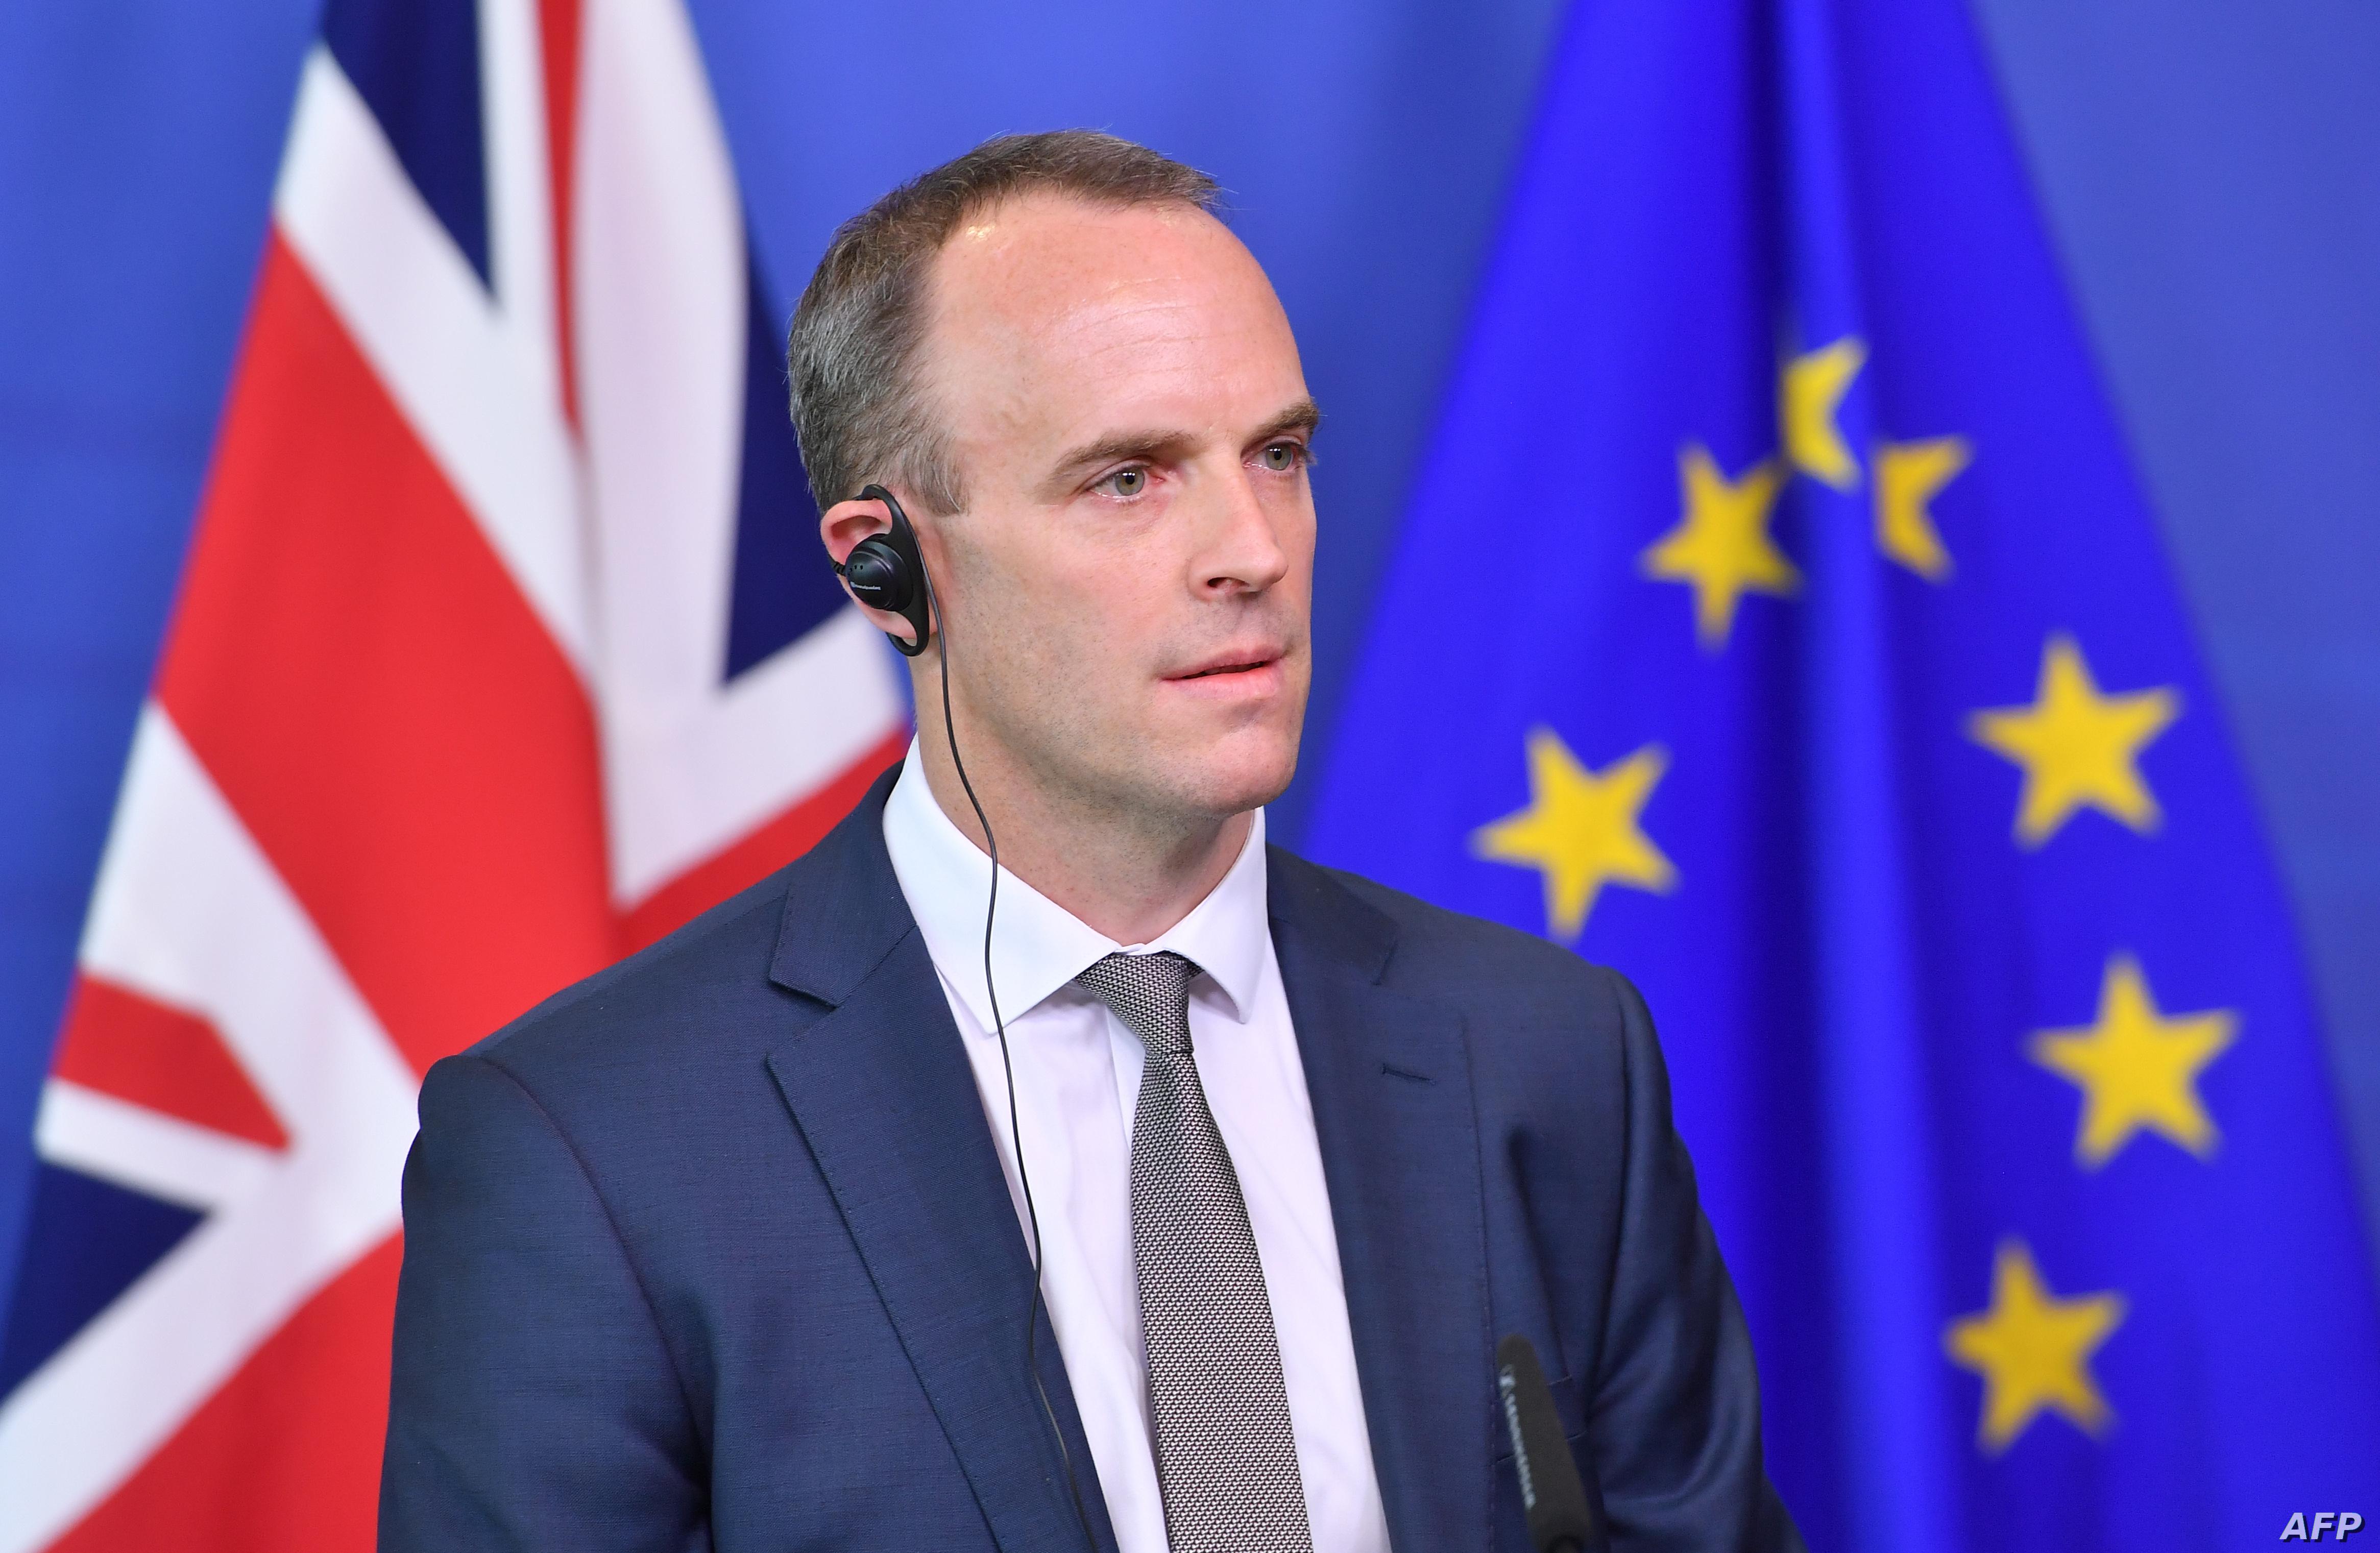 وزير الخارجية البريطاني يستبعد التوصل للقاح ضد كورونا هذا العام